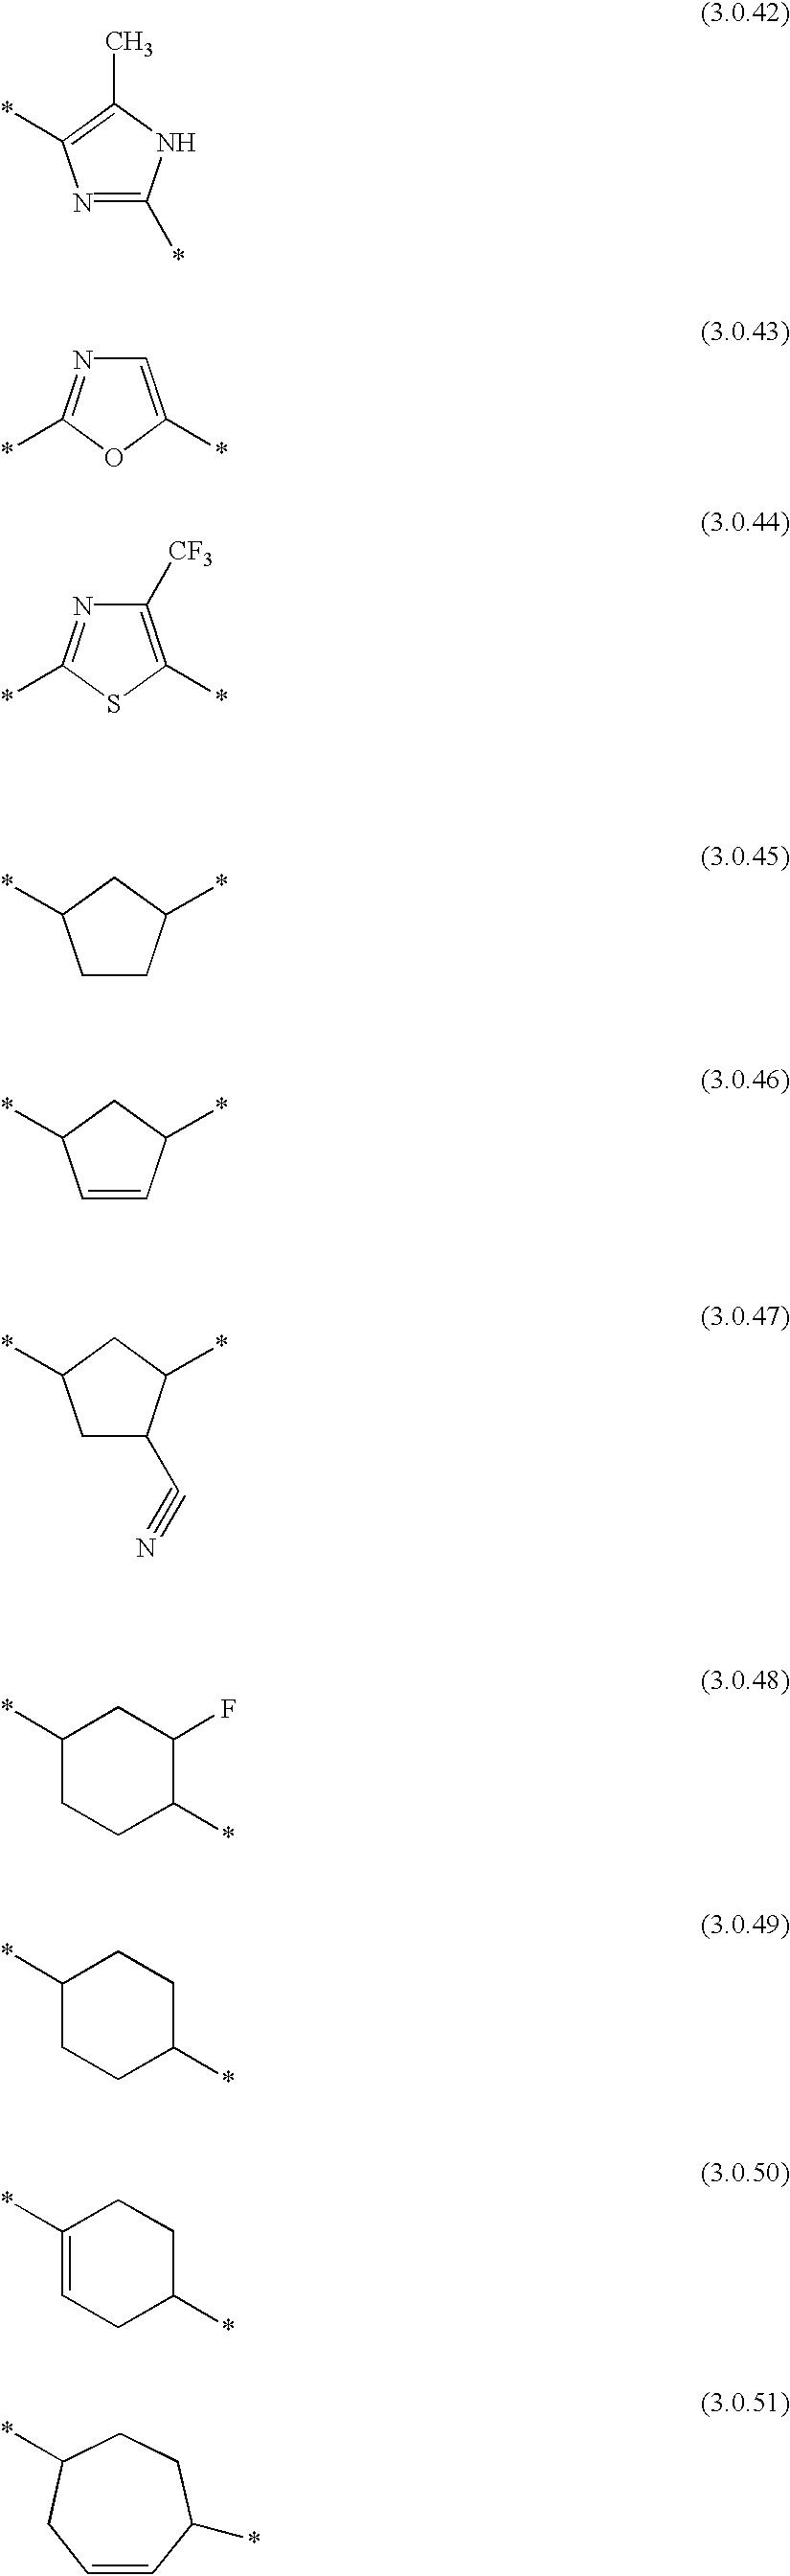 Figure US20030186974A1-20031002-C00129